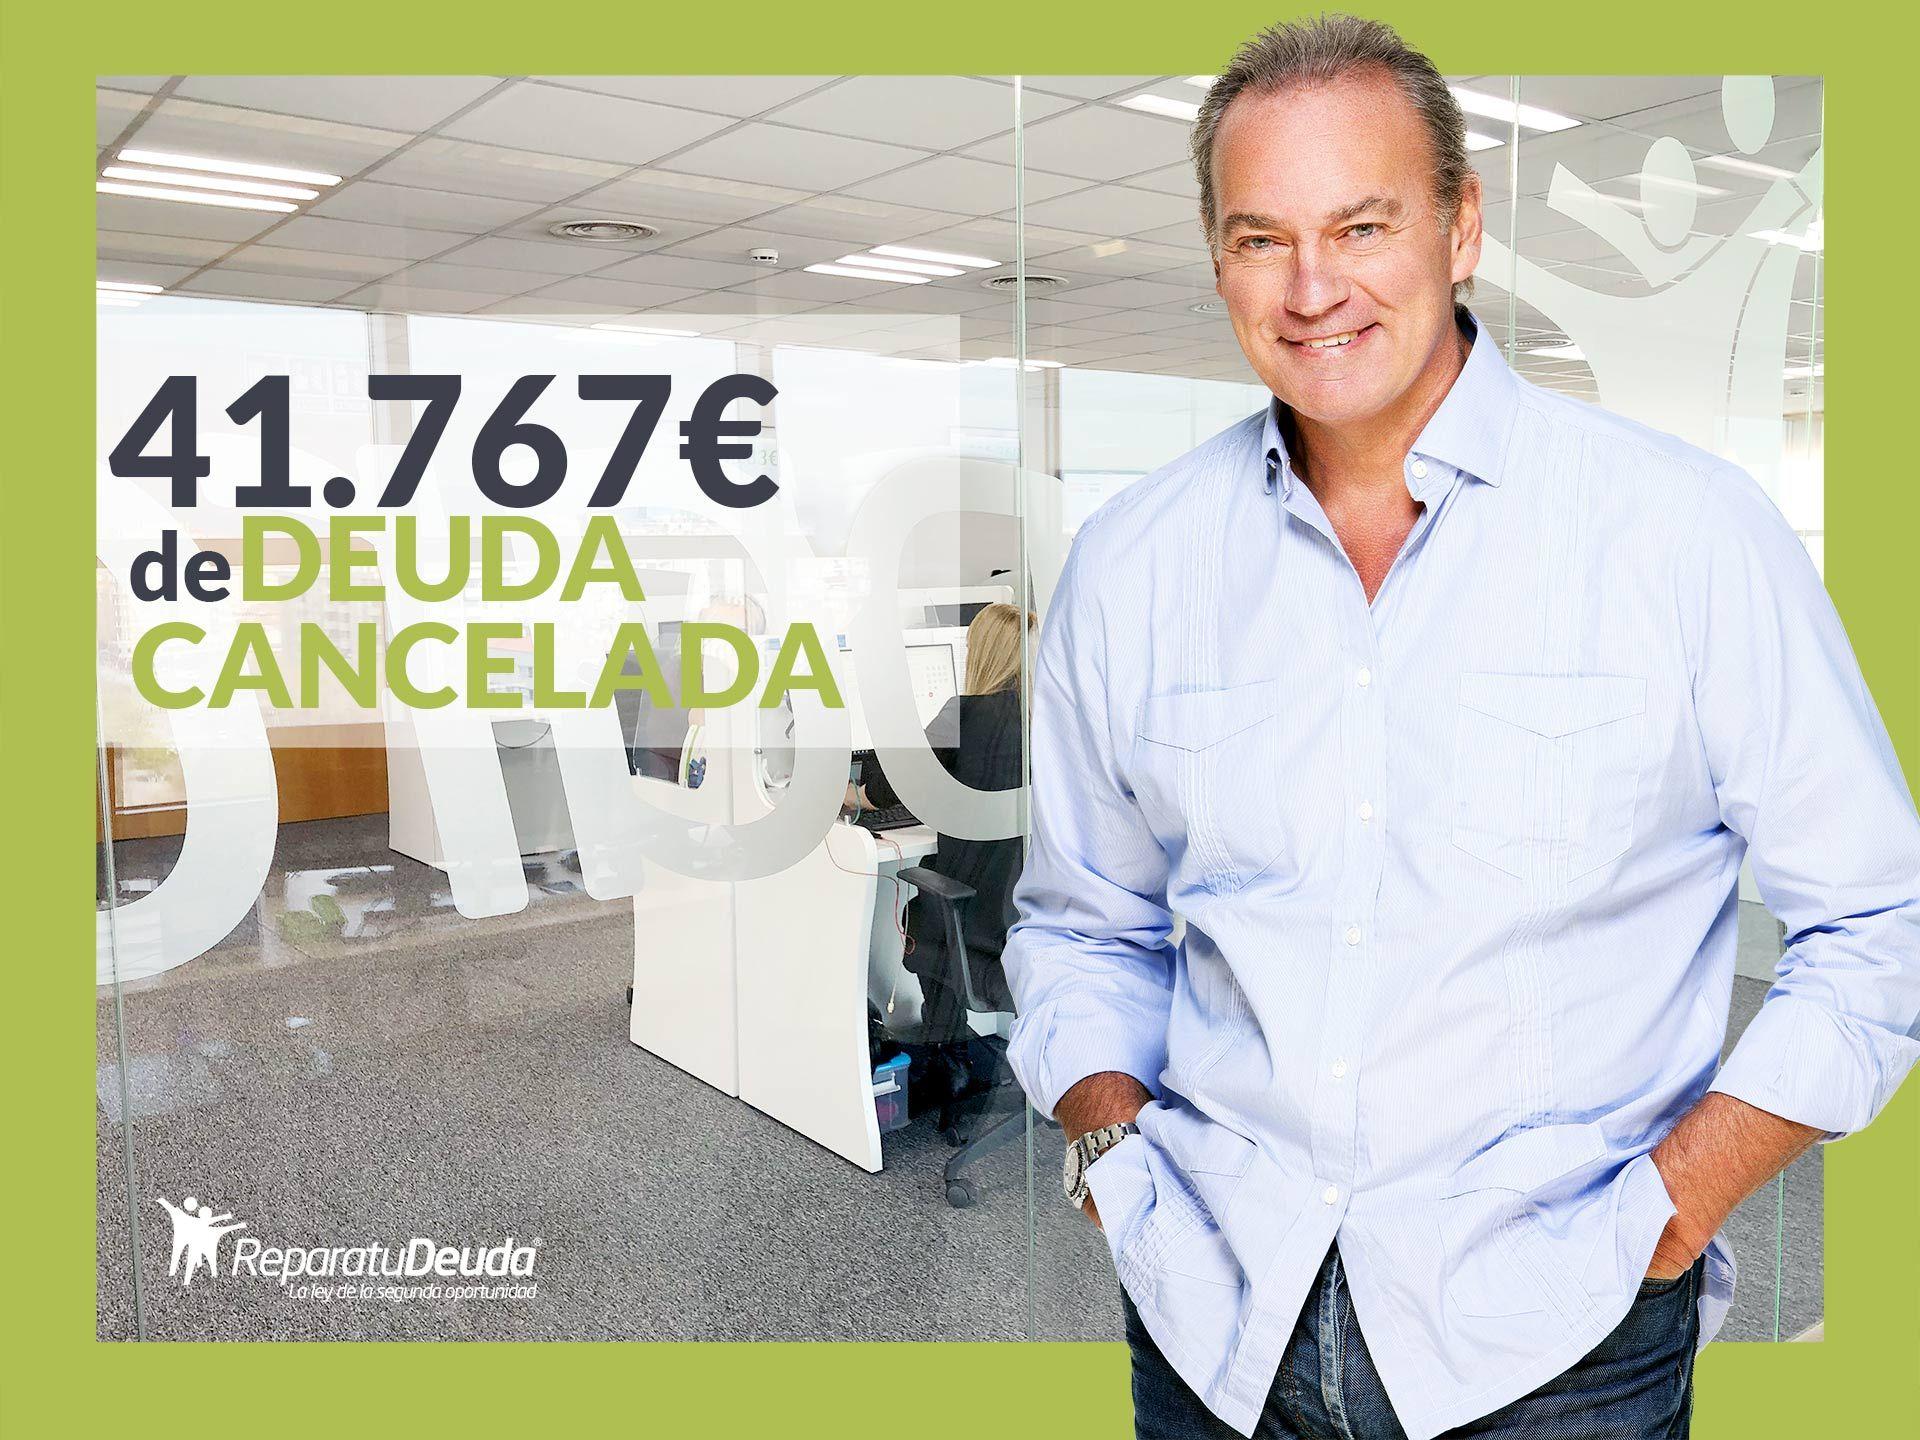 Repara tu Deuda Abogados cancela 41.767€ en Ibiza (Baleares) con la Ley de la Segunda Oportunidad